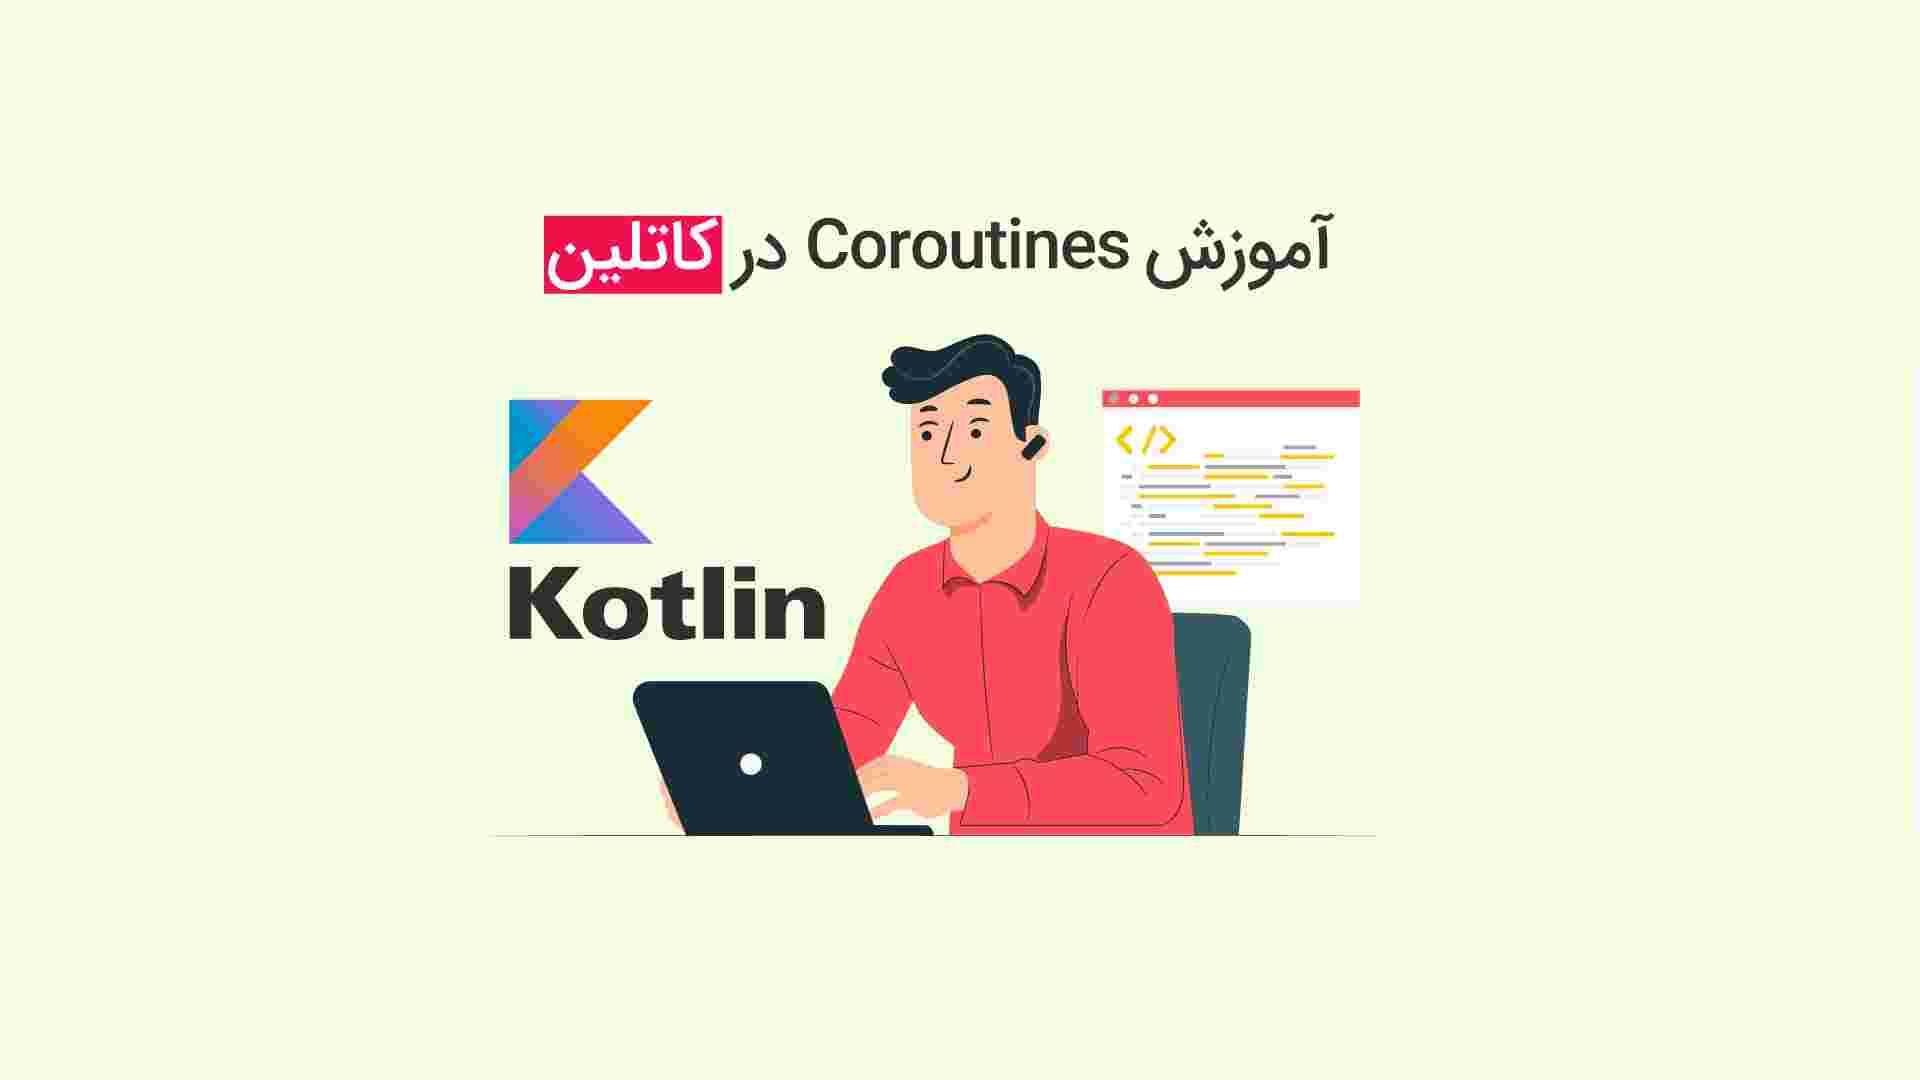 آموزش Coroutines در کاتلین